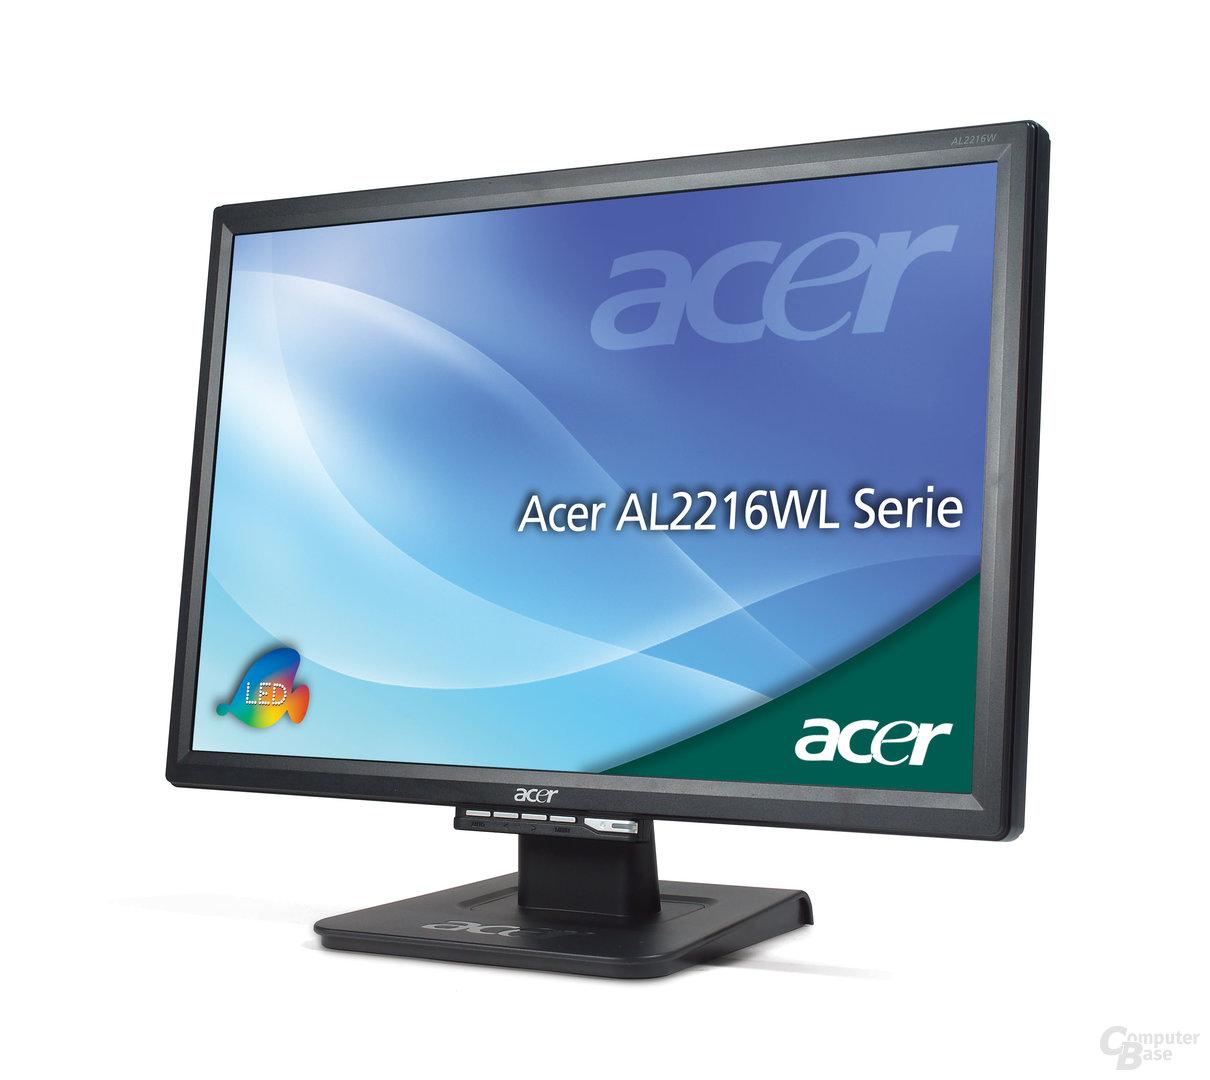 Acer AL2216WL